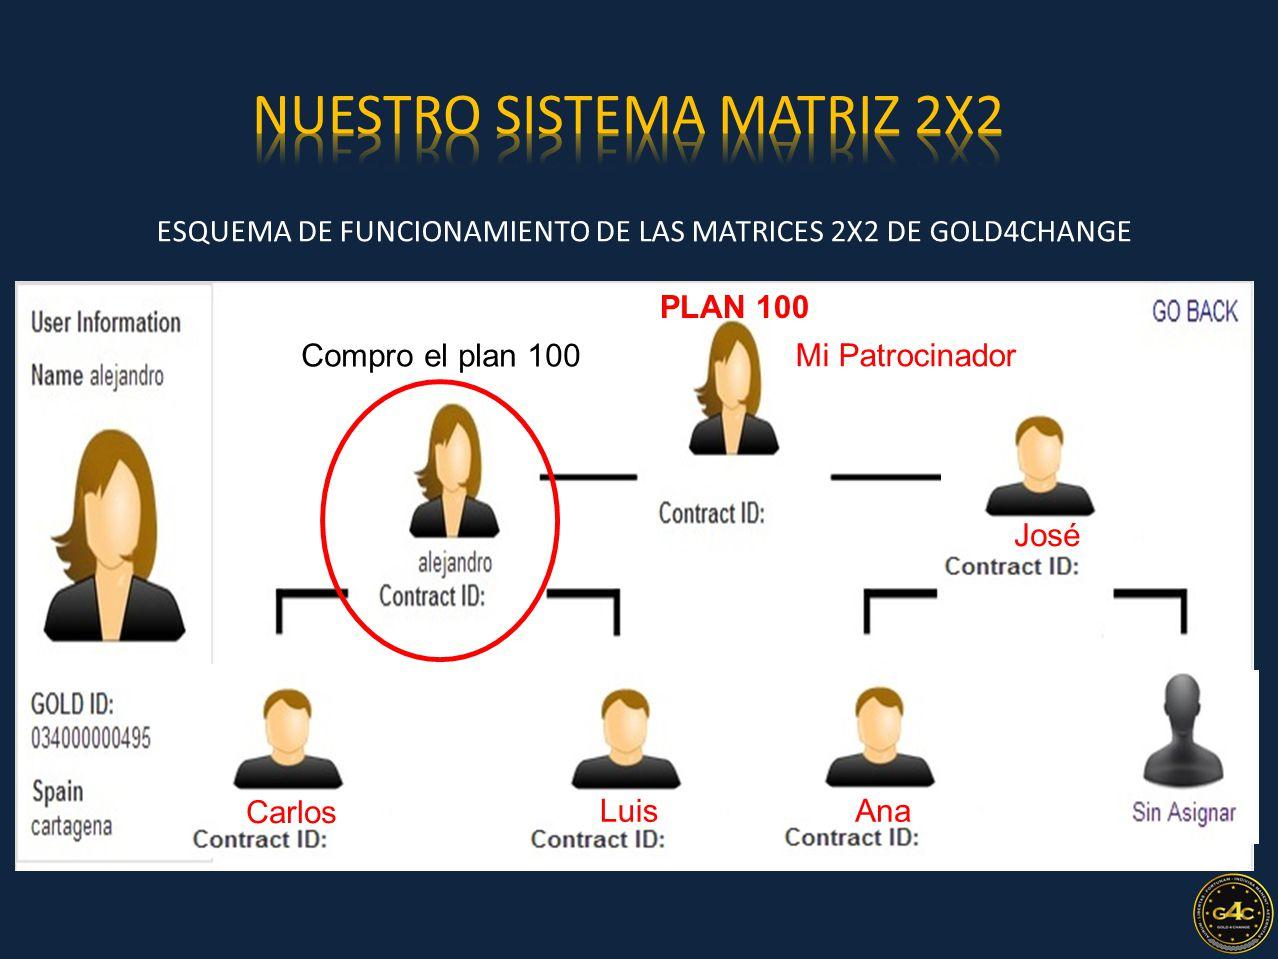 ESQUEMA DE FUNCIONAMIENTO DE LAS MATRICES 2X2 DE GOLD4CHANGE 2 Nivel Mi Patrocinador PLAN 100 Compro el plan 100 Carlos Luis José Ana